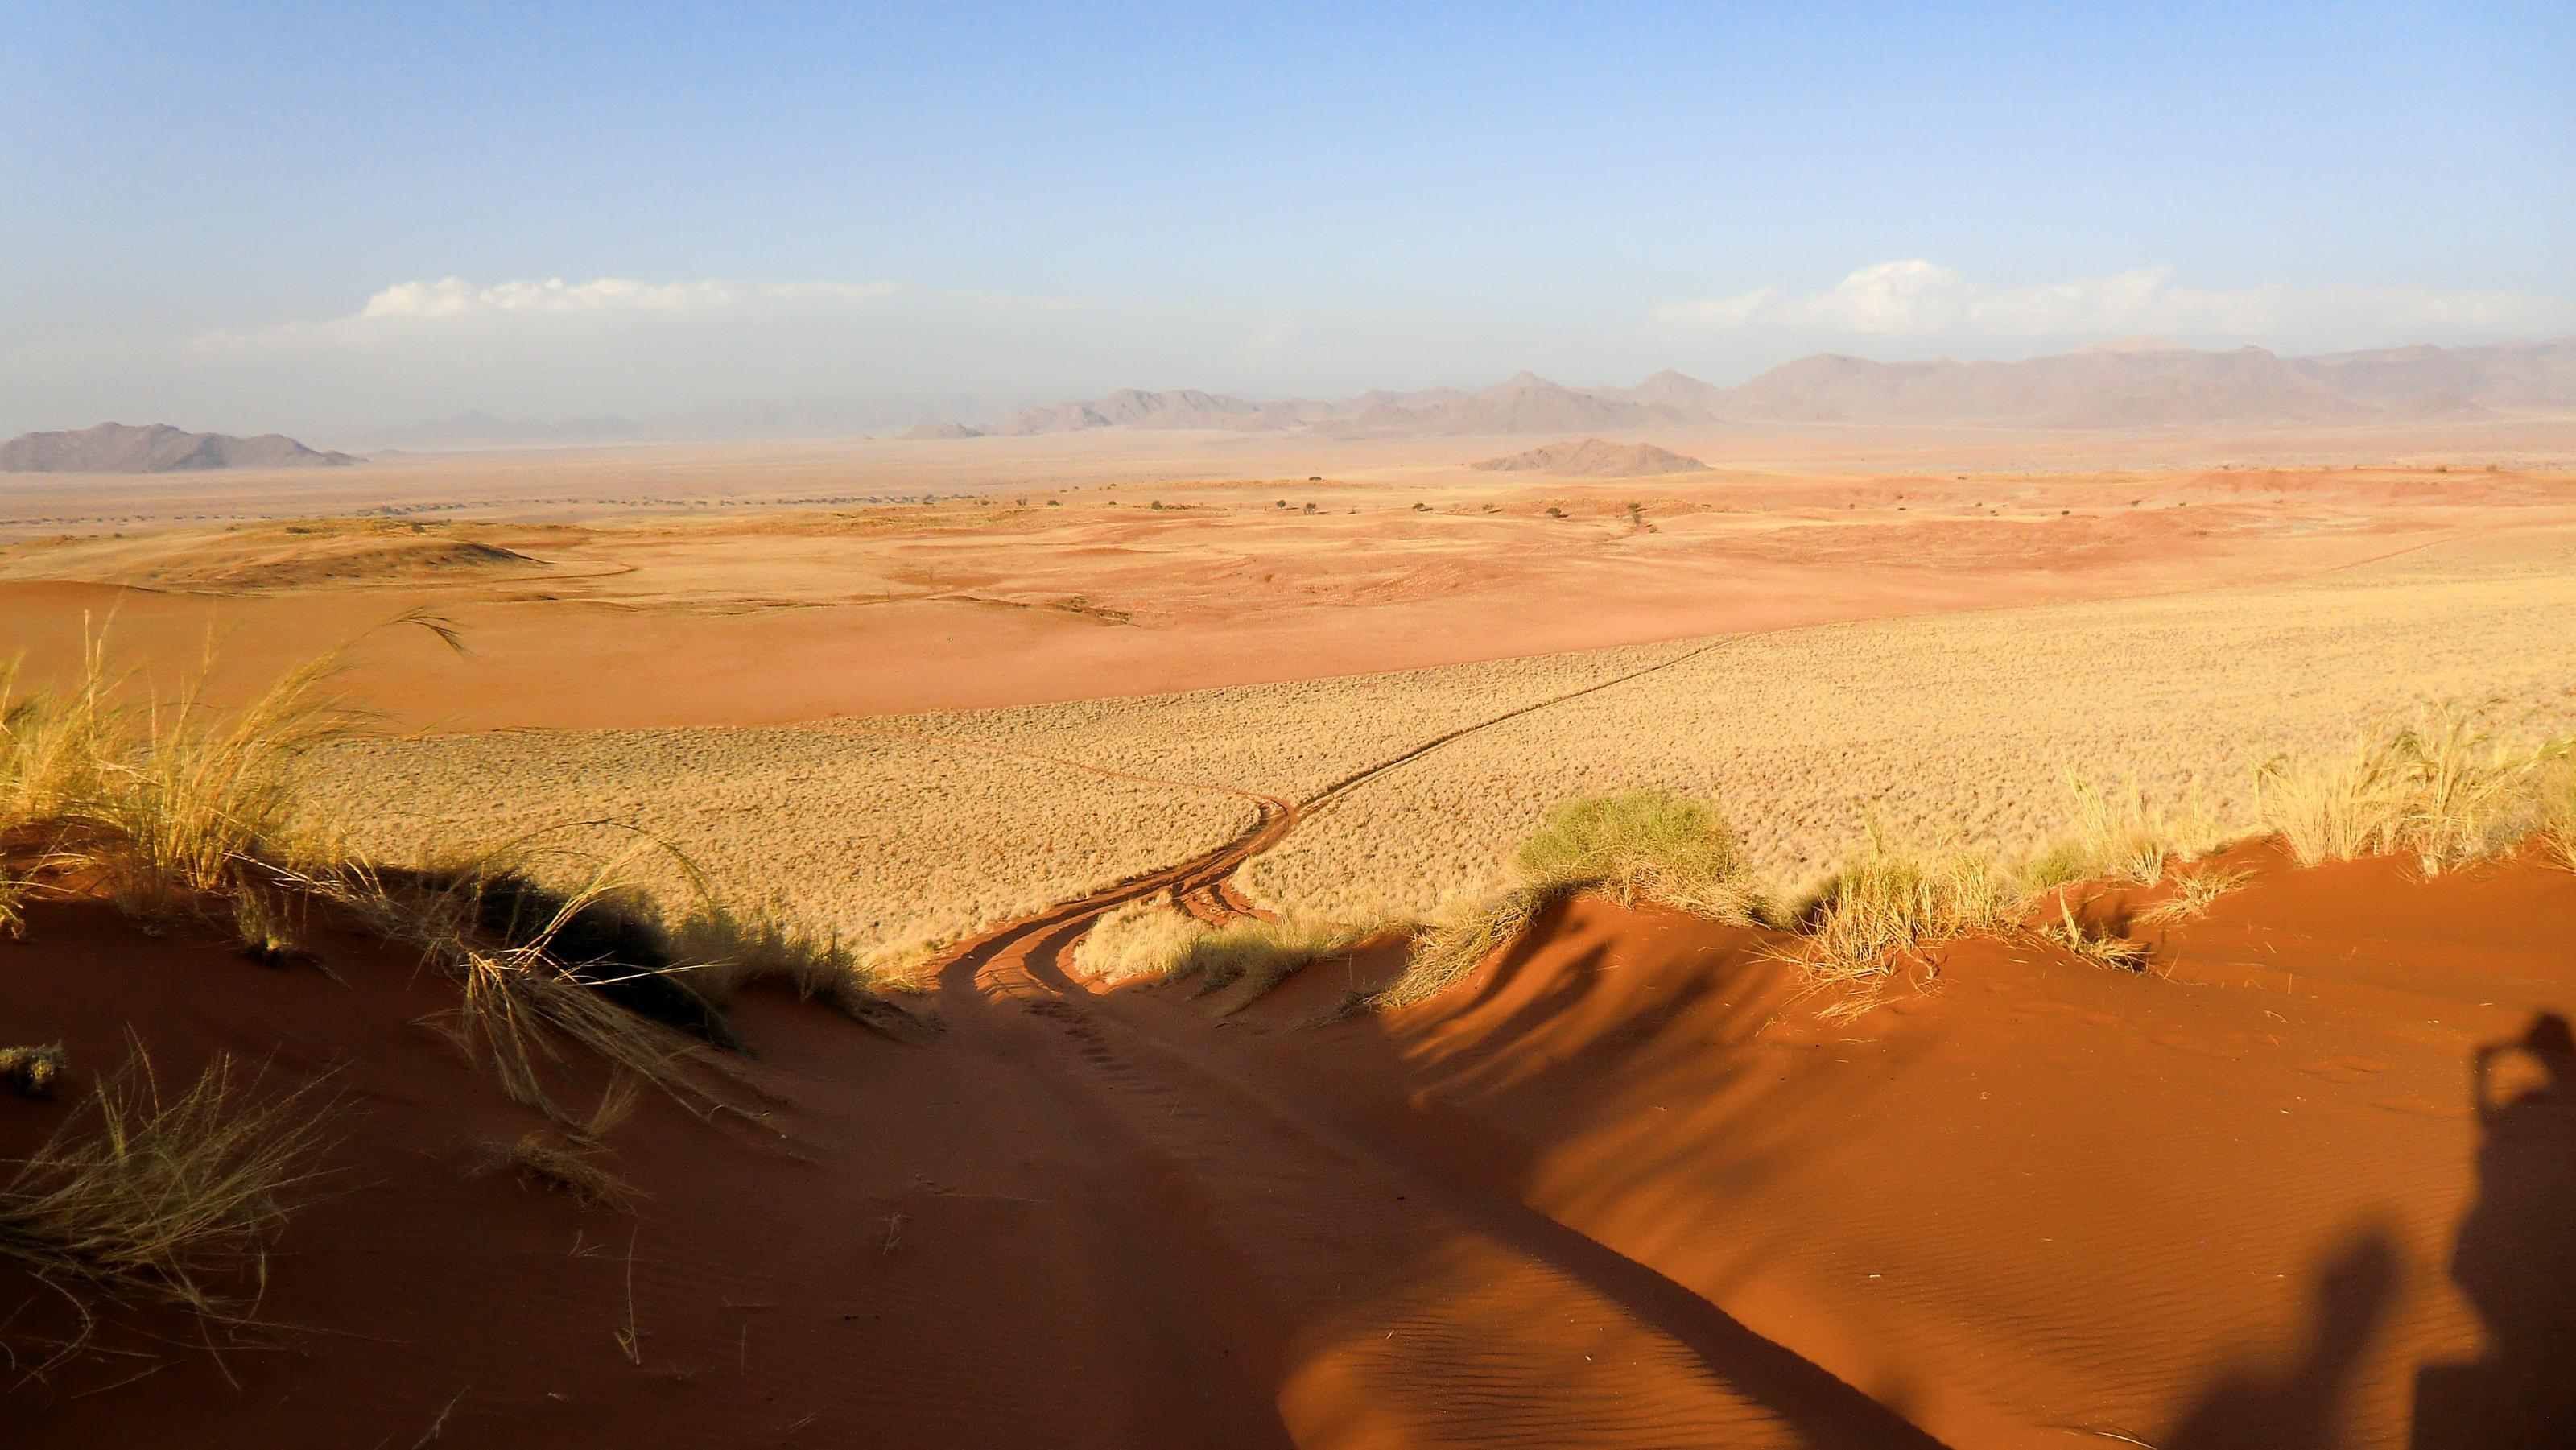 namibia_s-dafrika2015_119.jpg